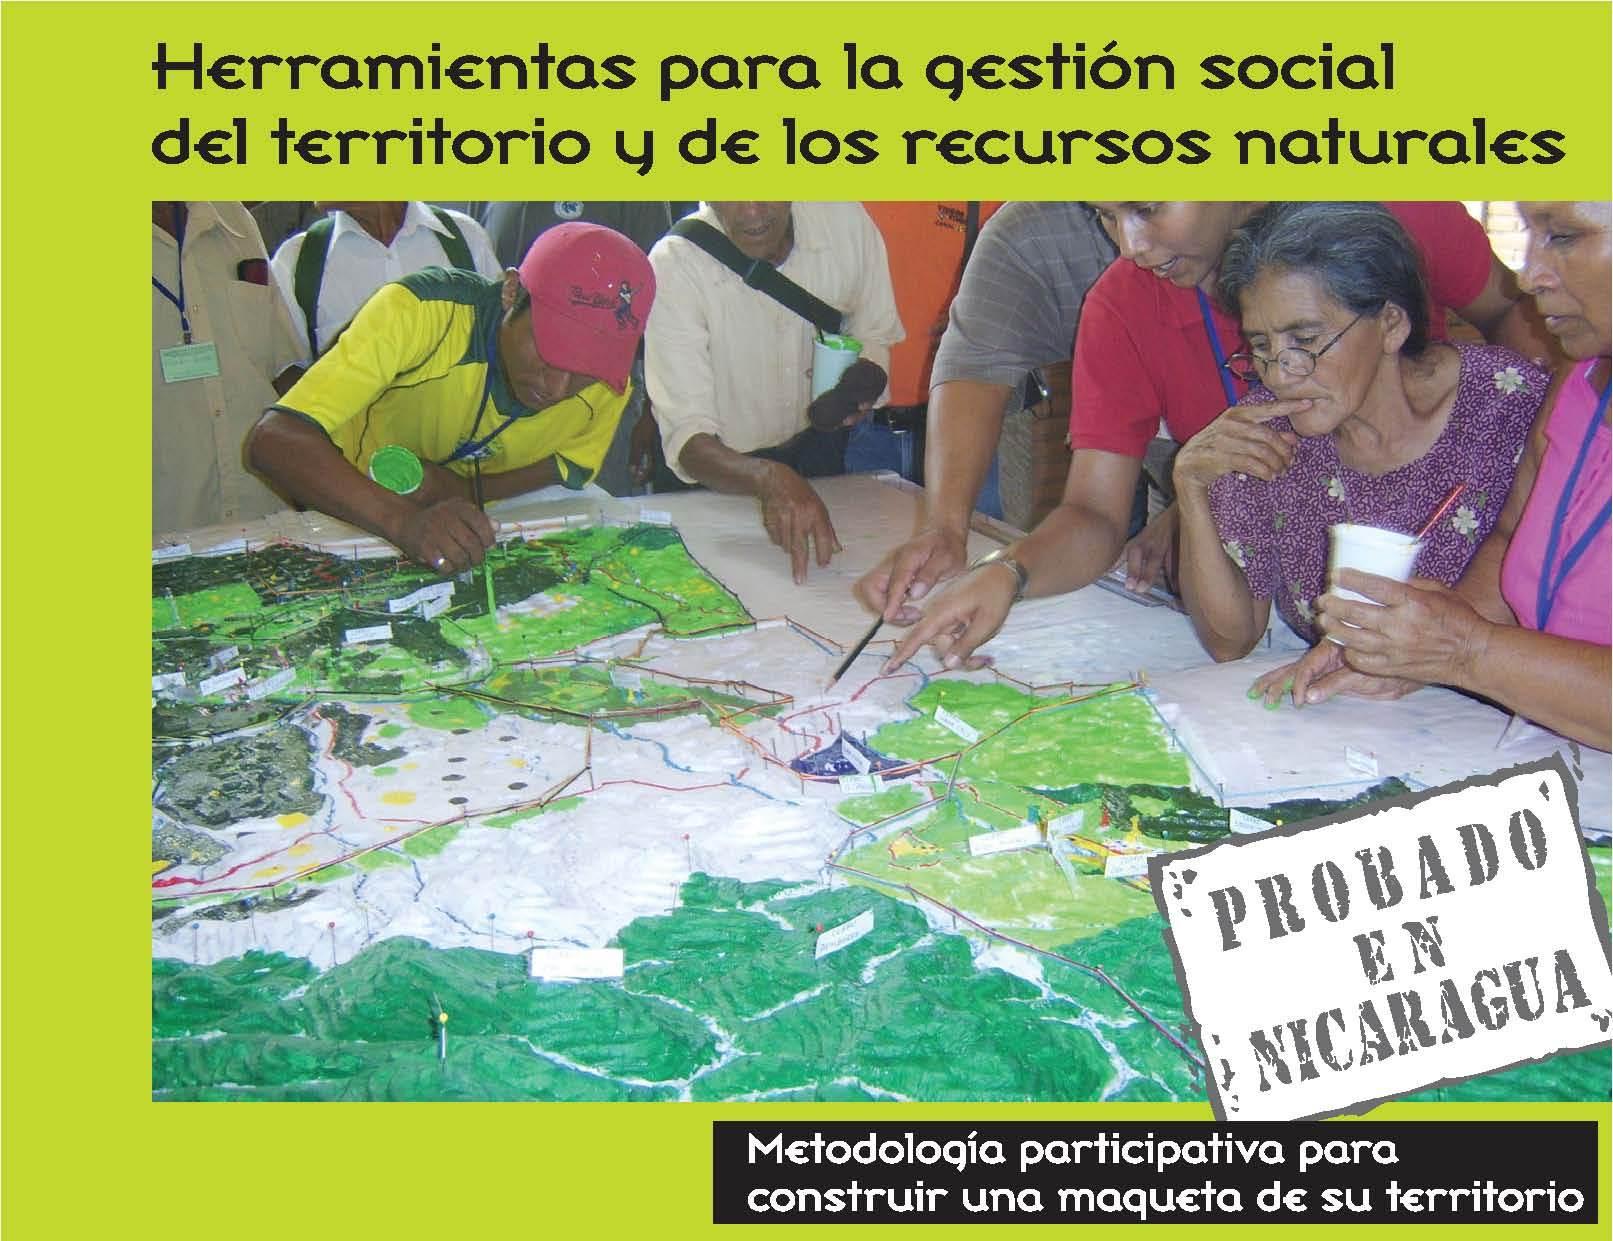 Thumbnail - Herramientas para la gestión social del territorio y de sus recursos naturales